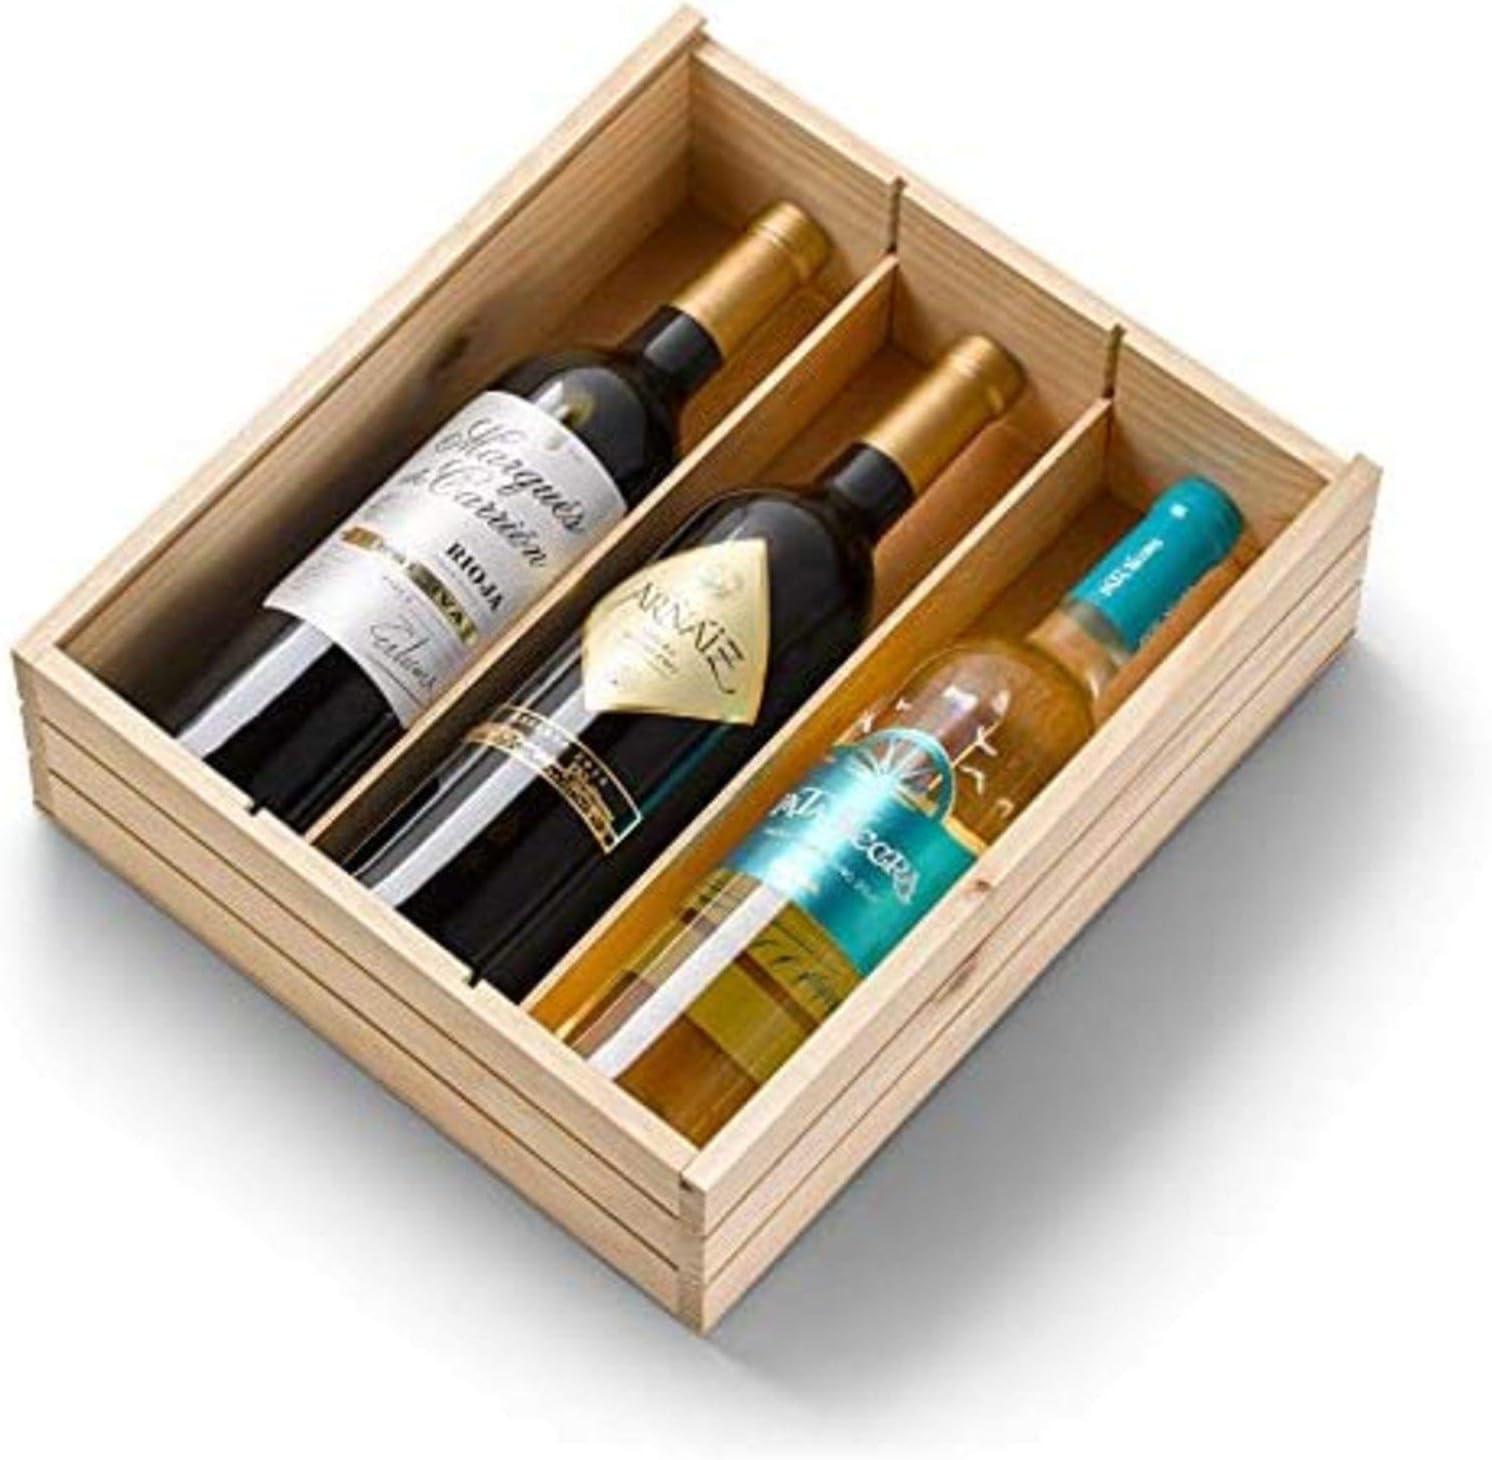 Pata Negra Lote de 3 Botellas, Marqués de Carrión, Viña Arnaiz y Pata Negra, Pack de 3 botellas x 75 cl: Amazon.es: Alimentación y bebidas